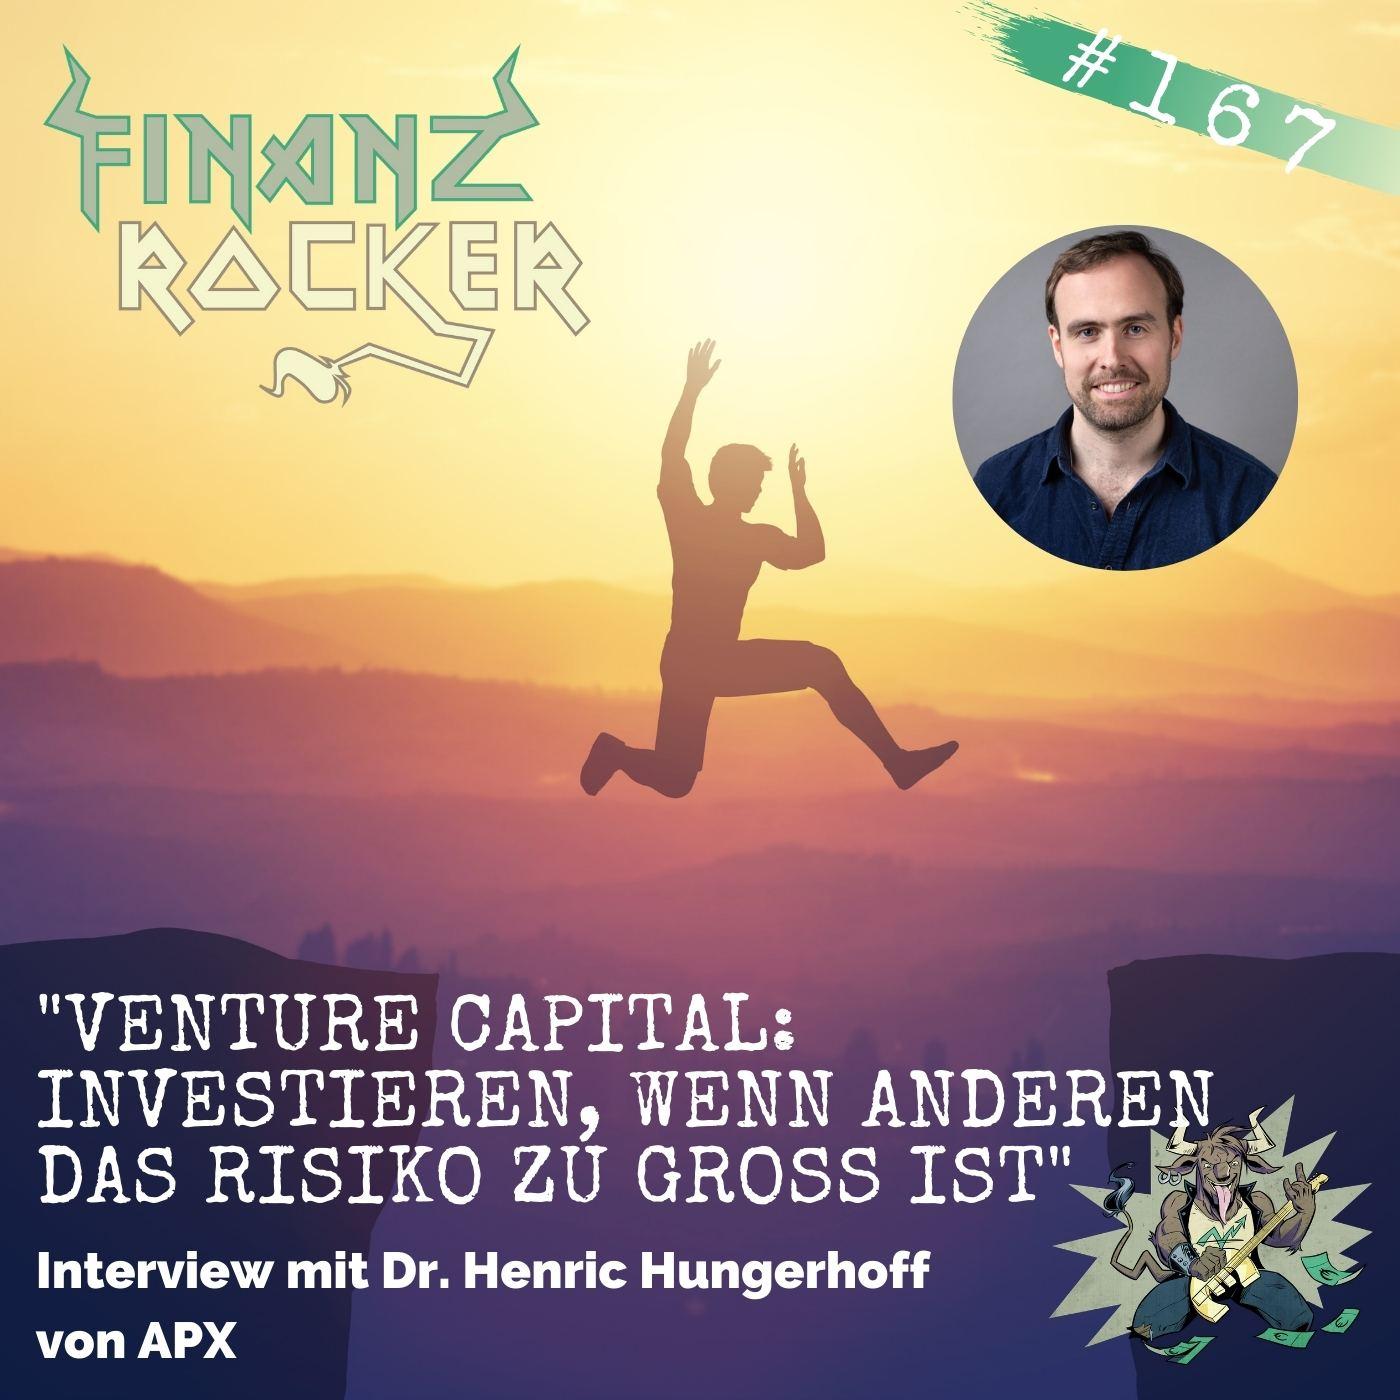 Folge 167: Venture Capital: Investieren, wenn anderen das Risiko zu groß ist - Interview mit Henric Hungerhoff von APX